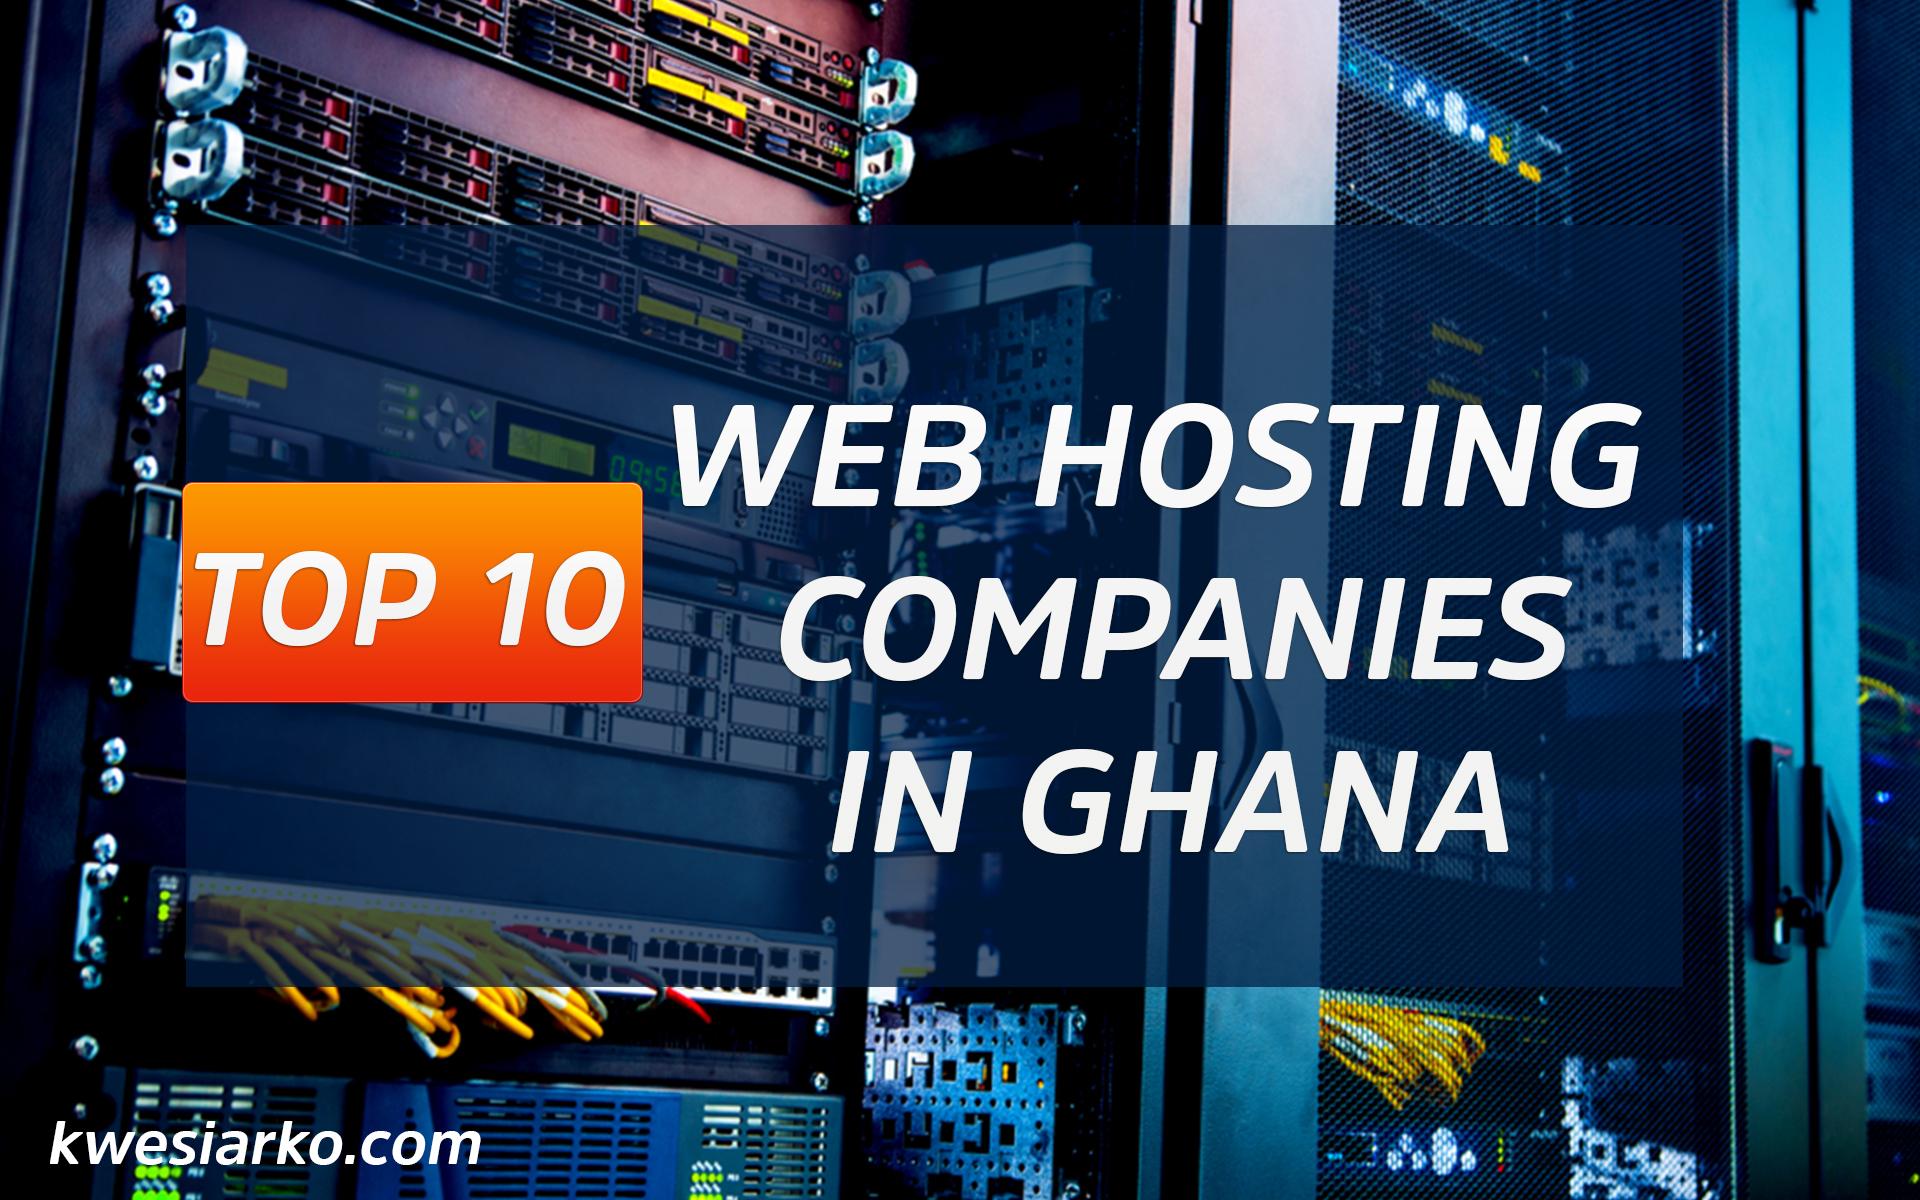 Web Hosting Companies In Ghana